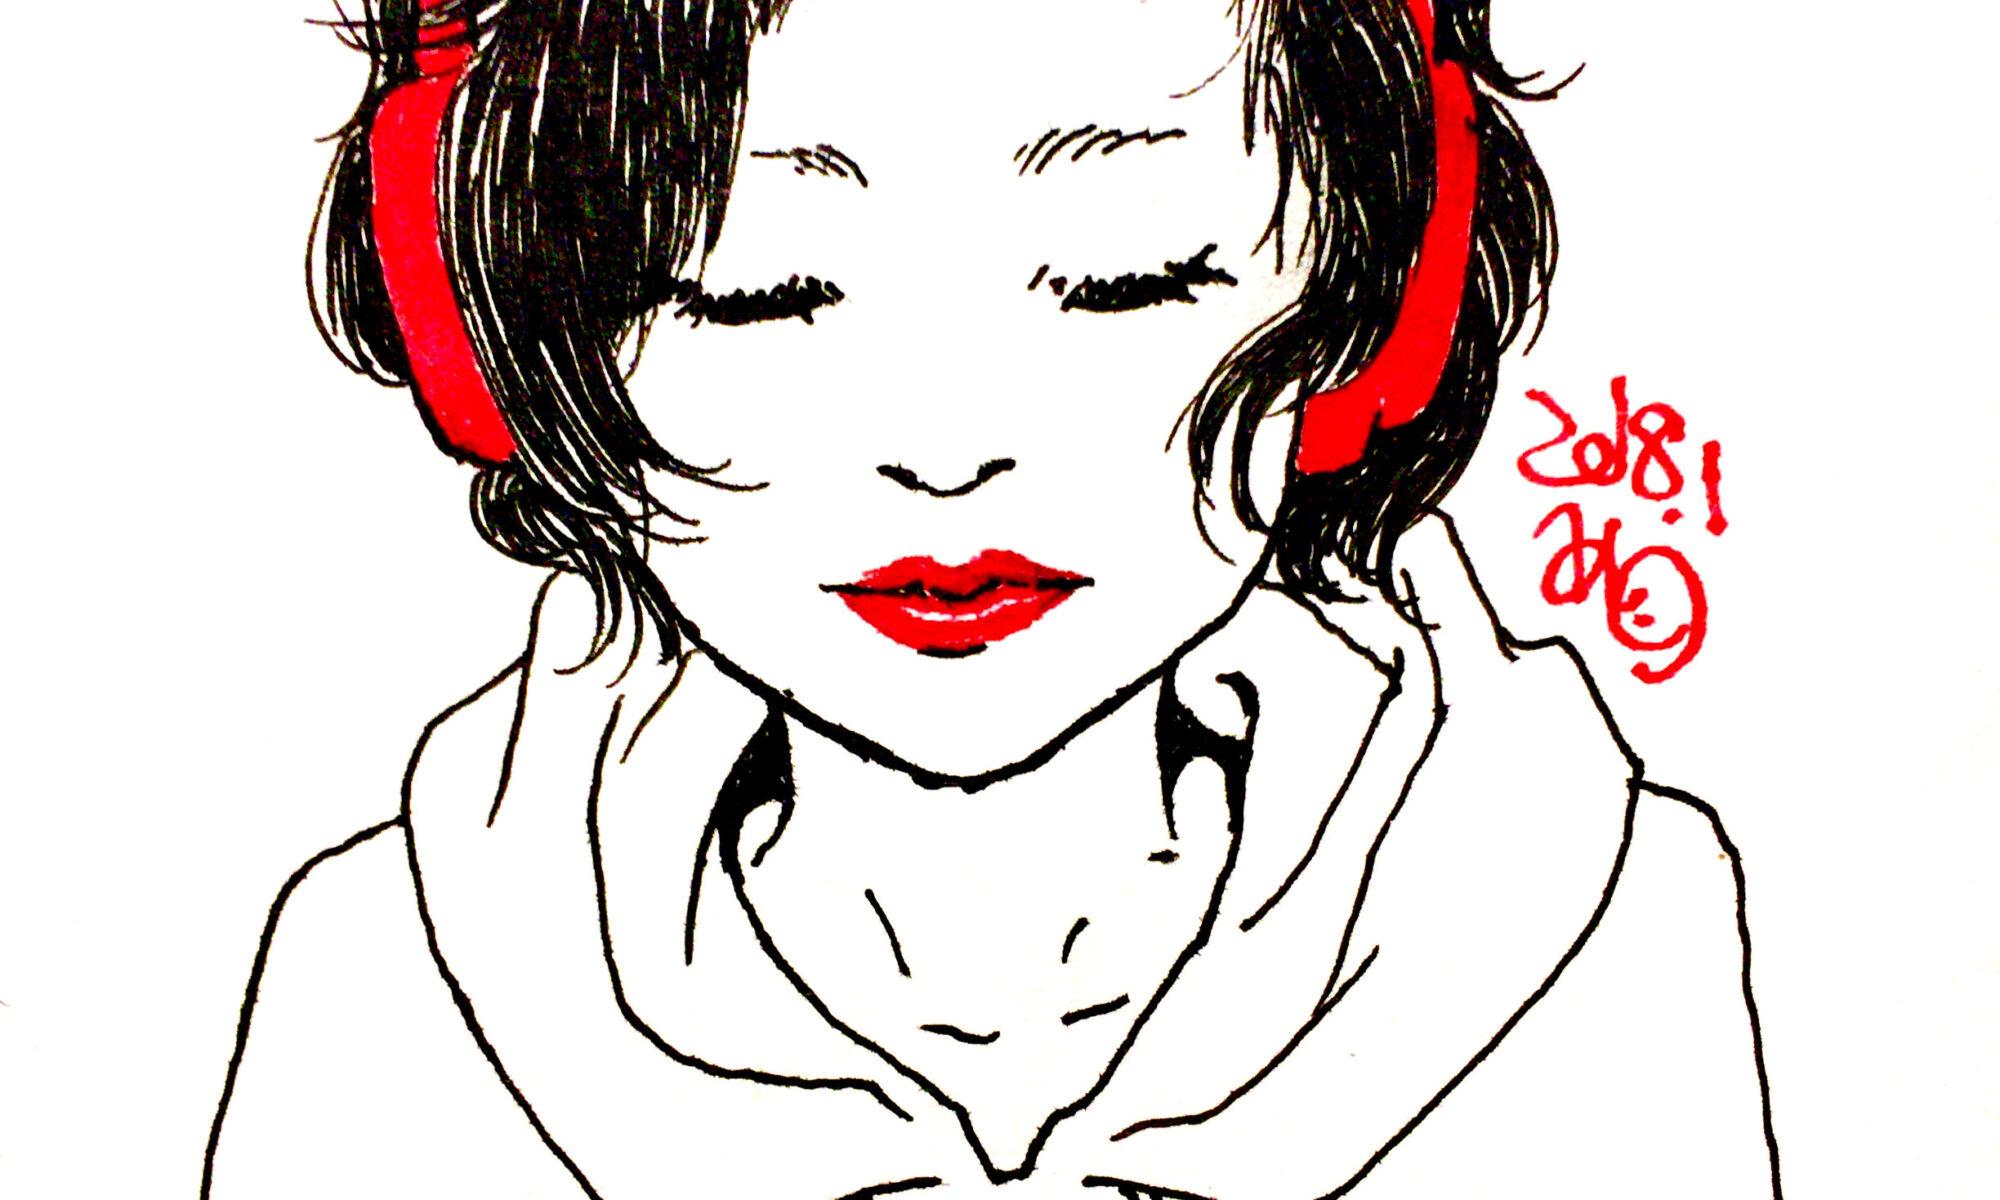 イラスト 女の子イラスト アート 絵 美術 ヘッドホン